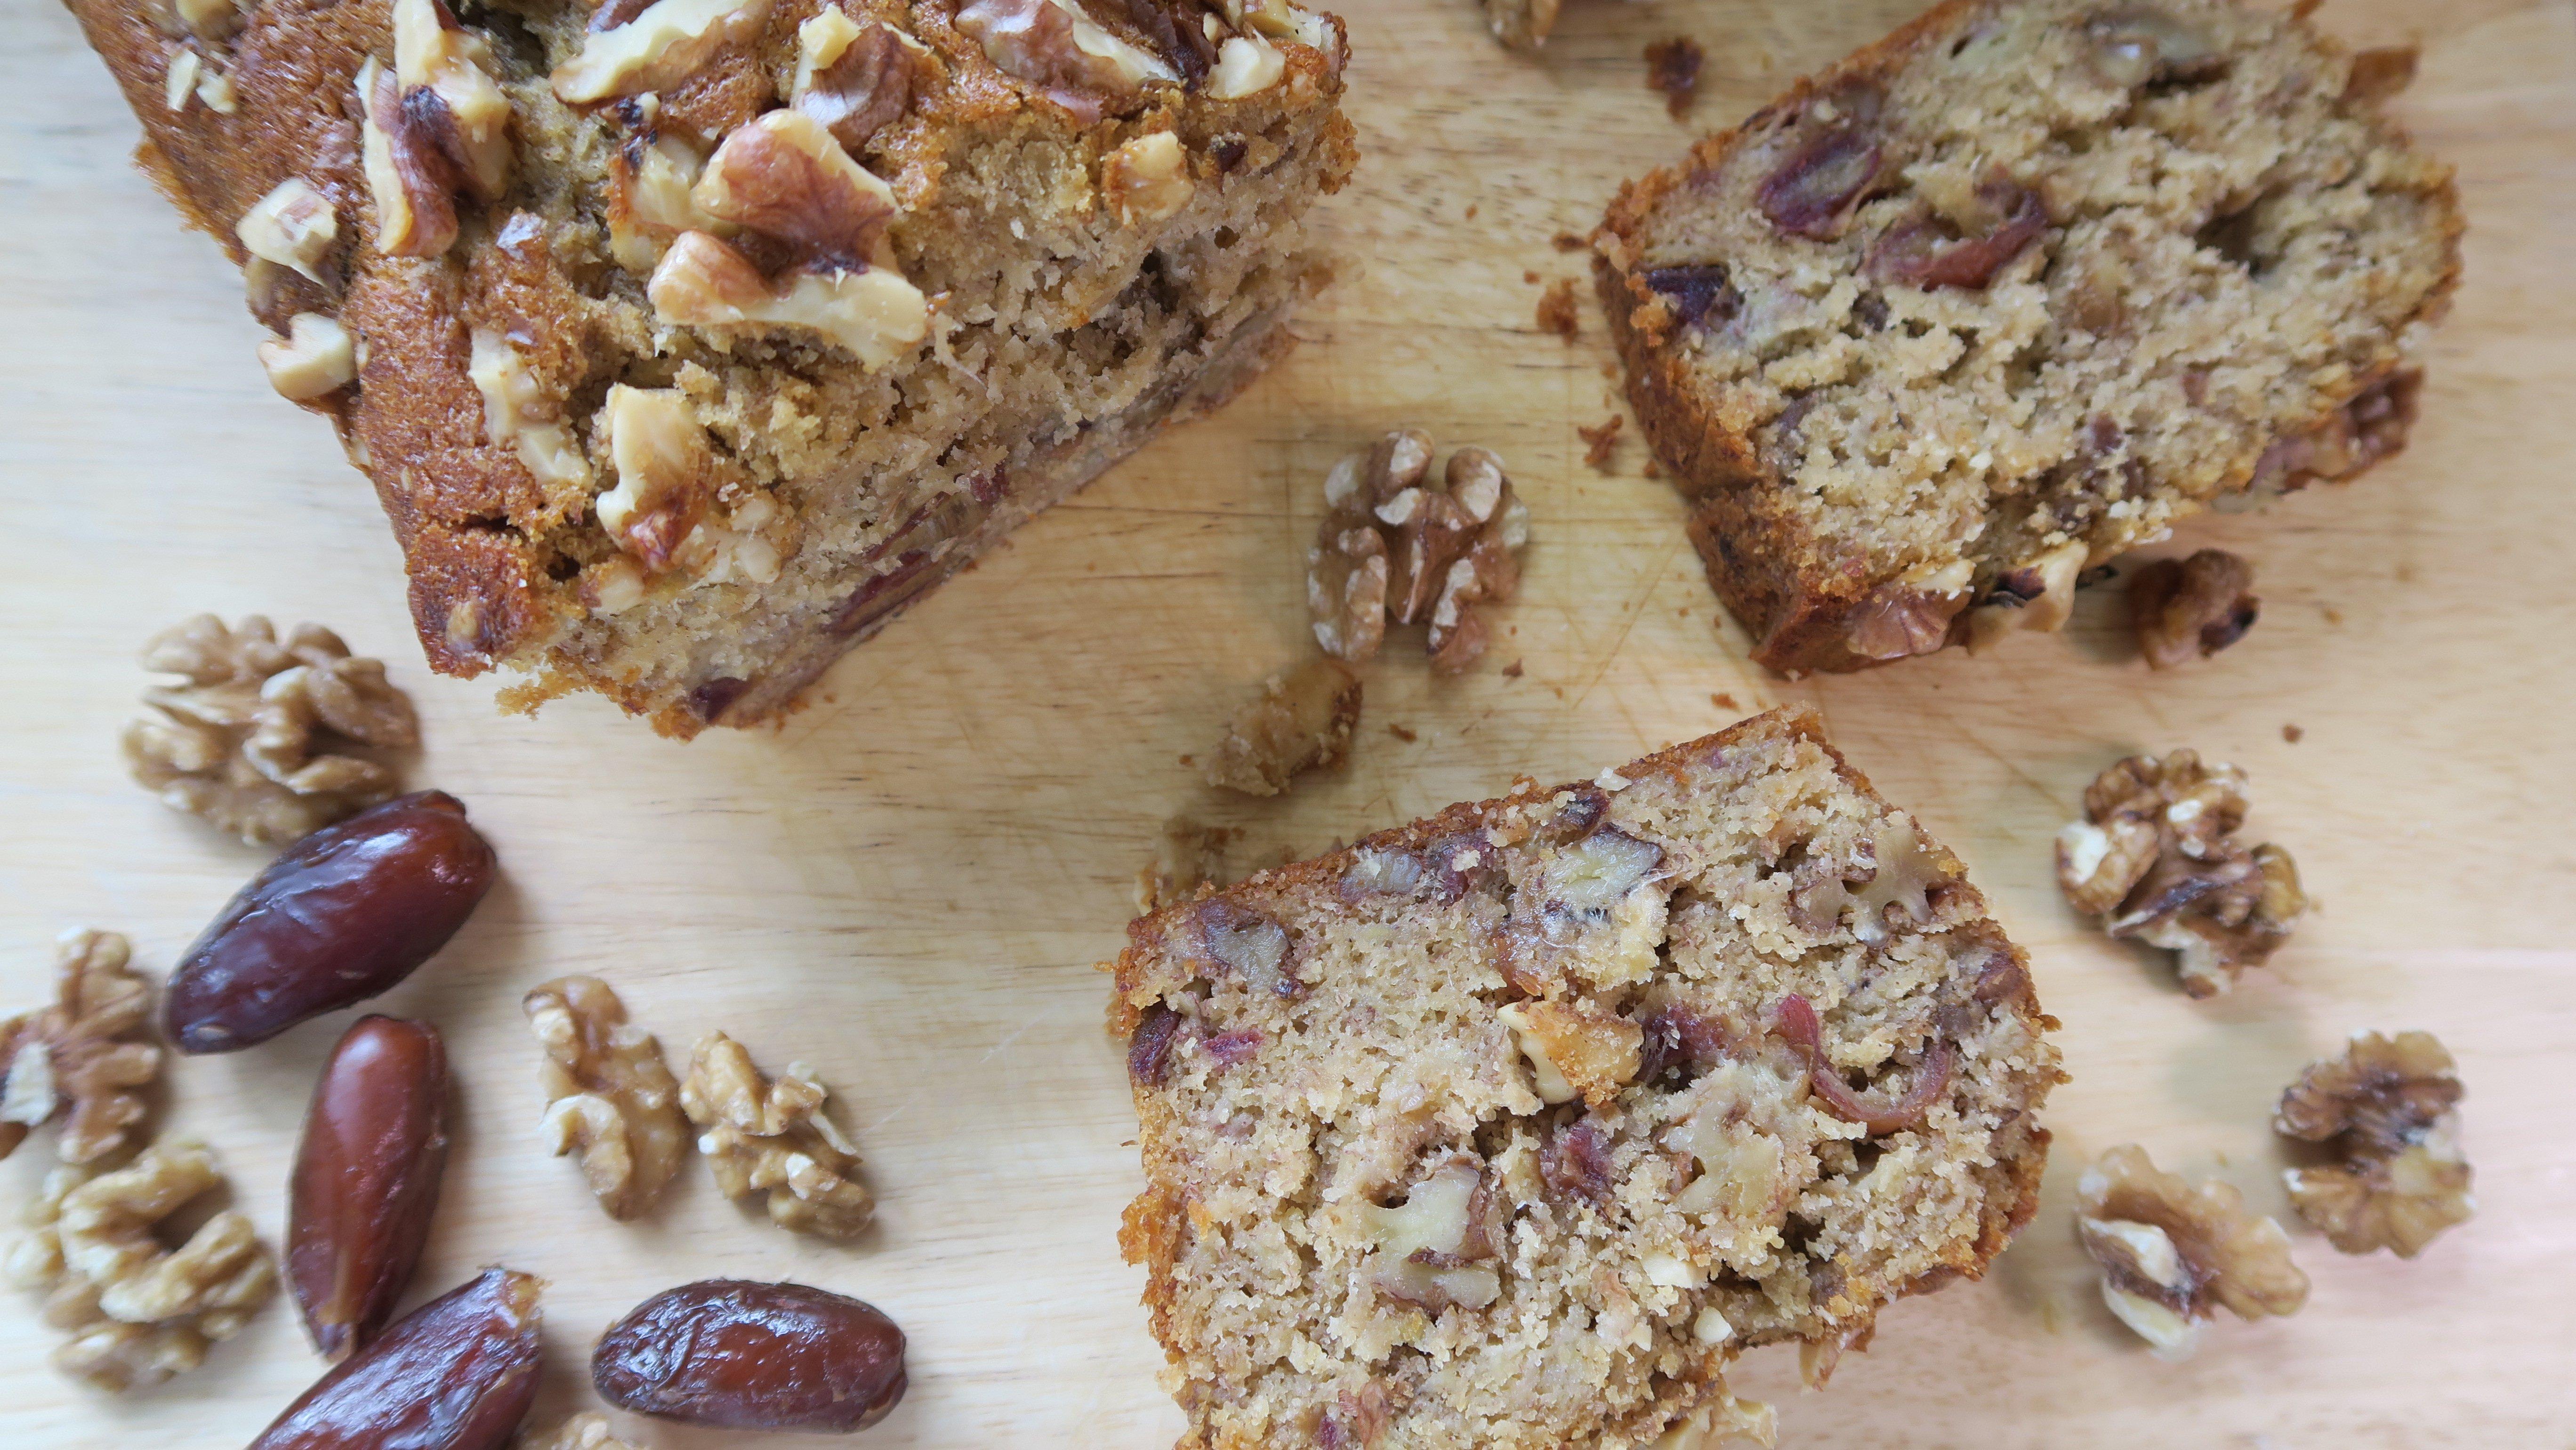 Date site gluten free cake